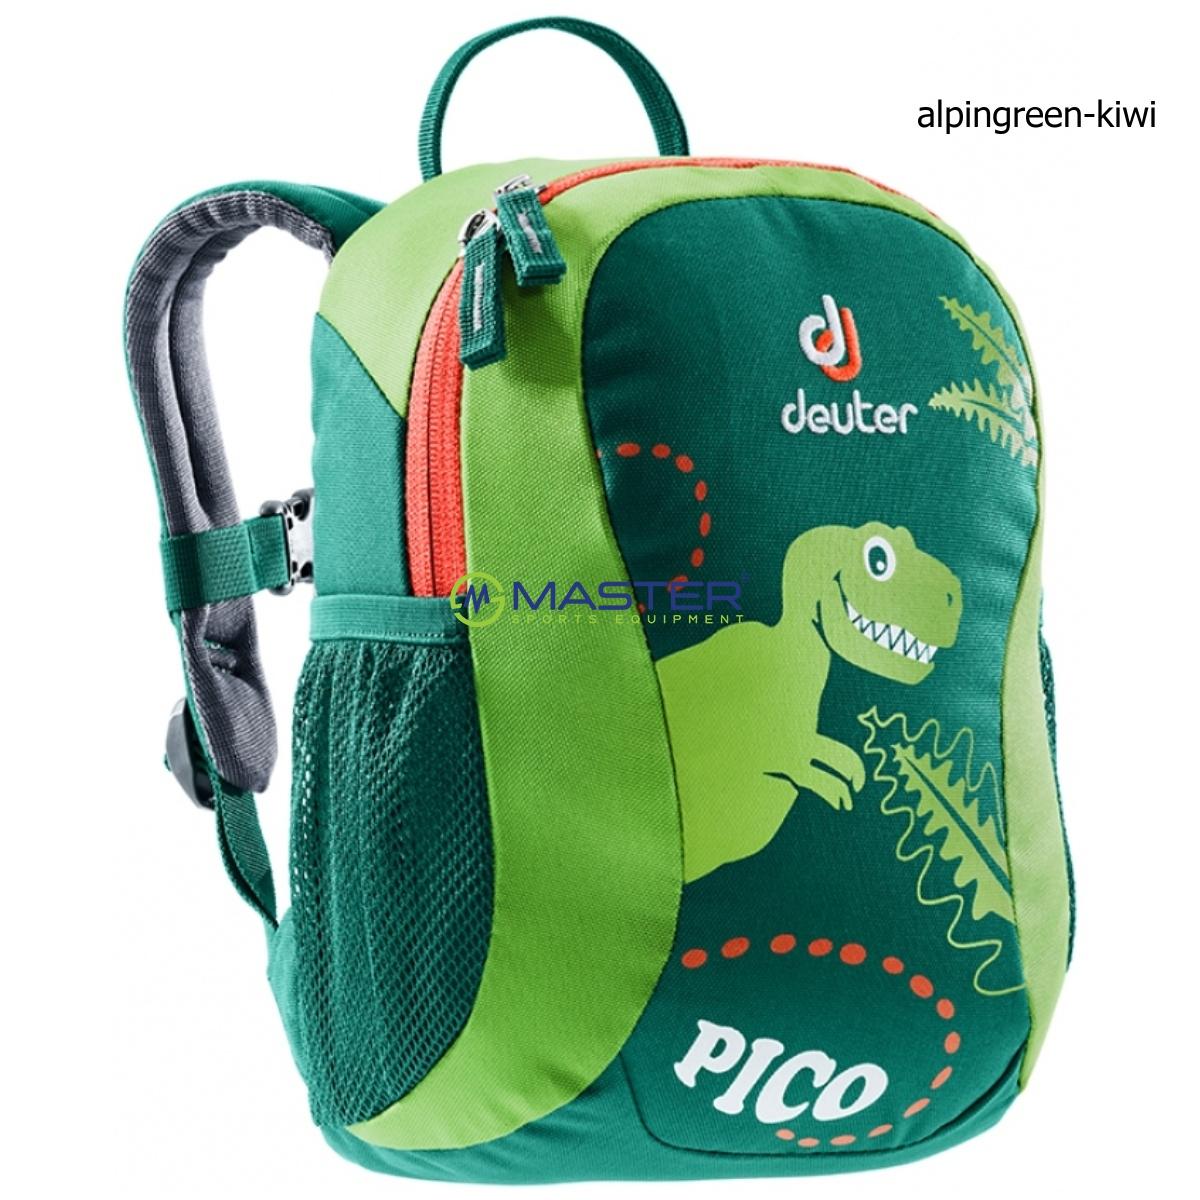 3014ec30e47e Detský batoh DEUTER Pico 5 l - alpinegreen-kiwi